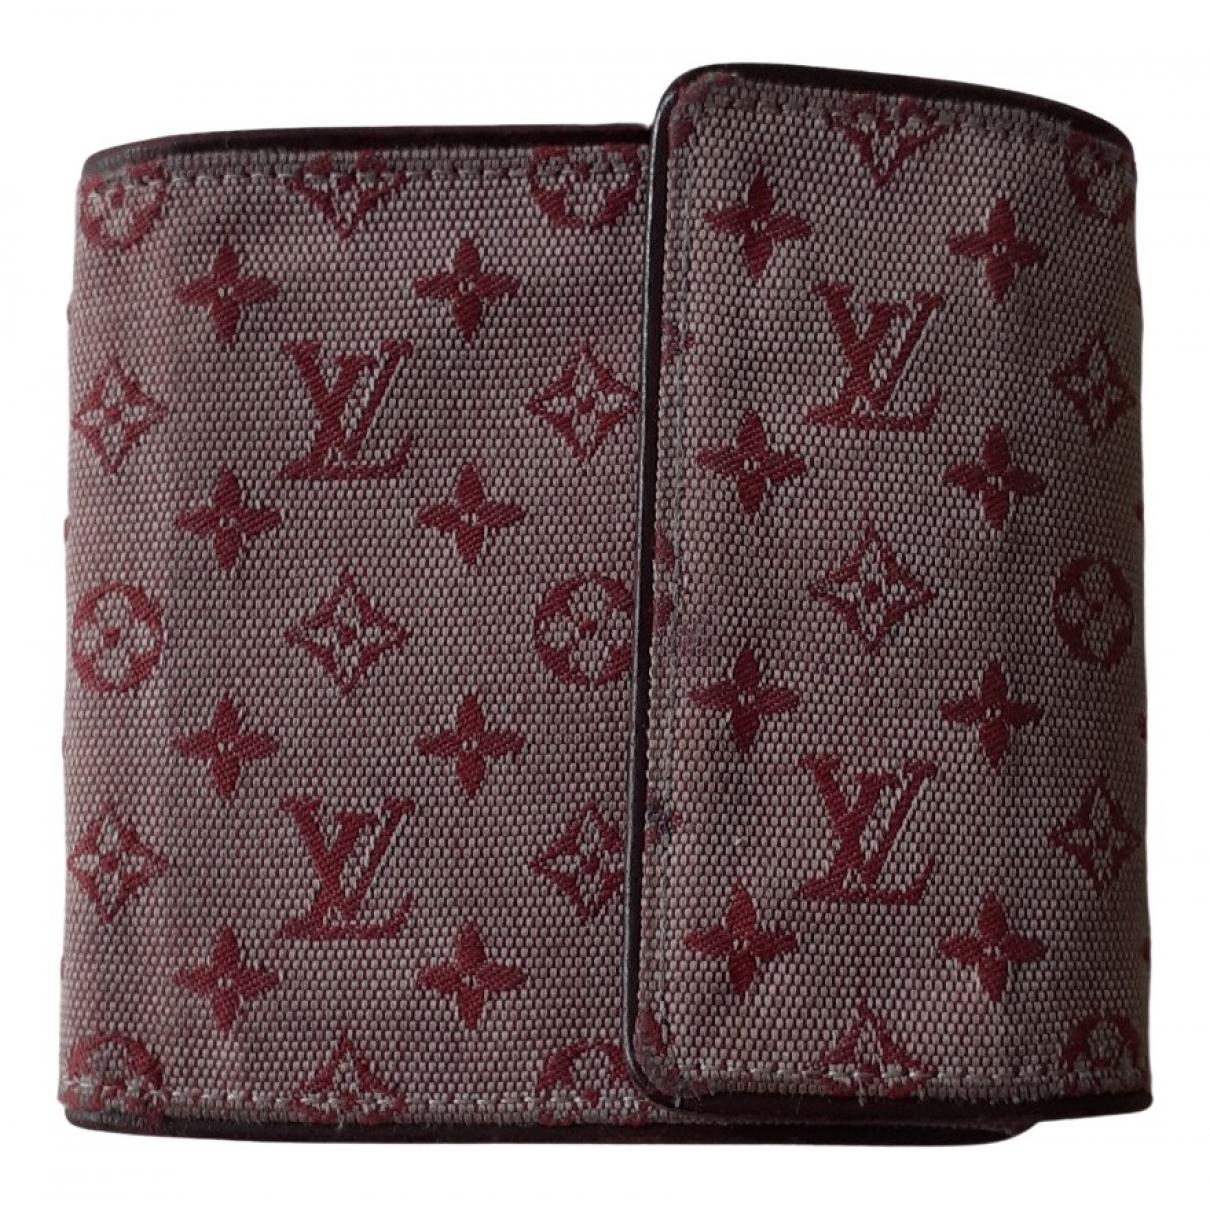 Louis Vuitton - Portefeuille   pour femme en toile - bordeaux